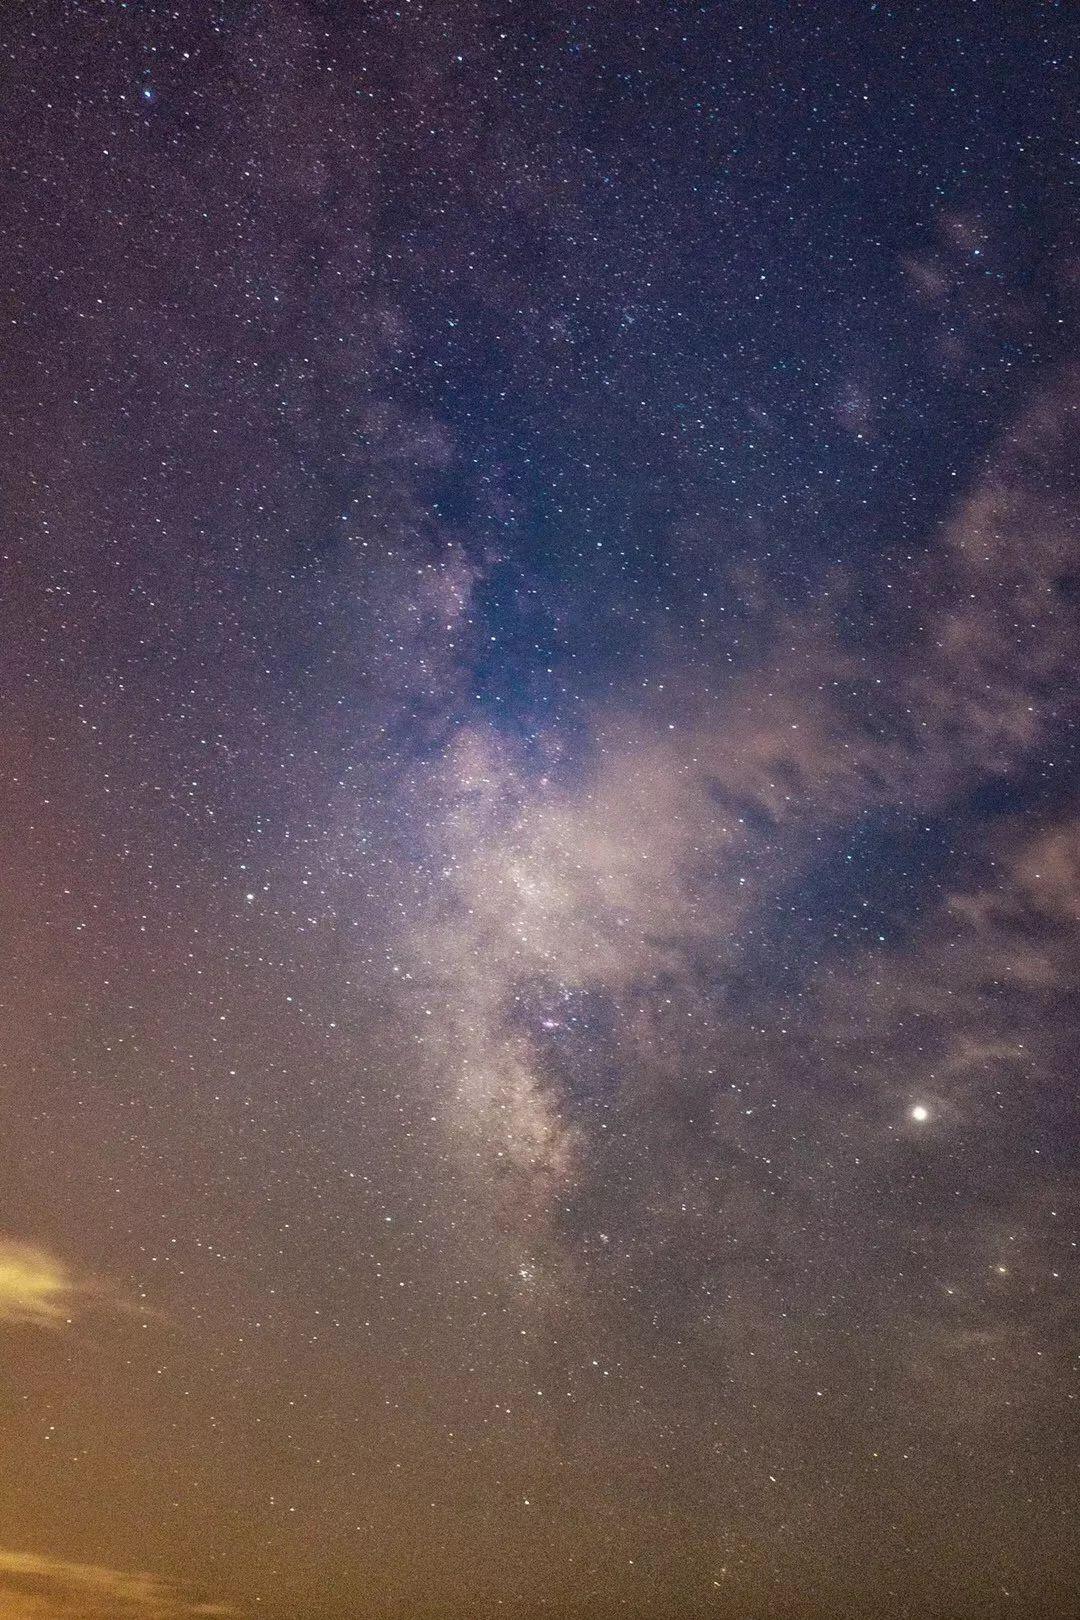 赣州银河欢乐影�_这是摄影师qm前天晚上在小竹山拍摄的银河 漫天繁星 在无锡太罕见啦!